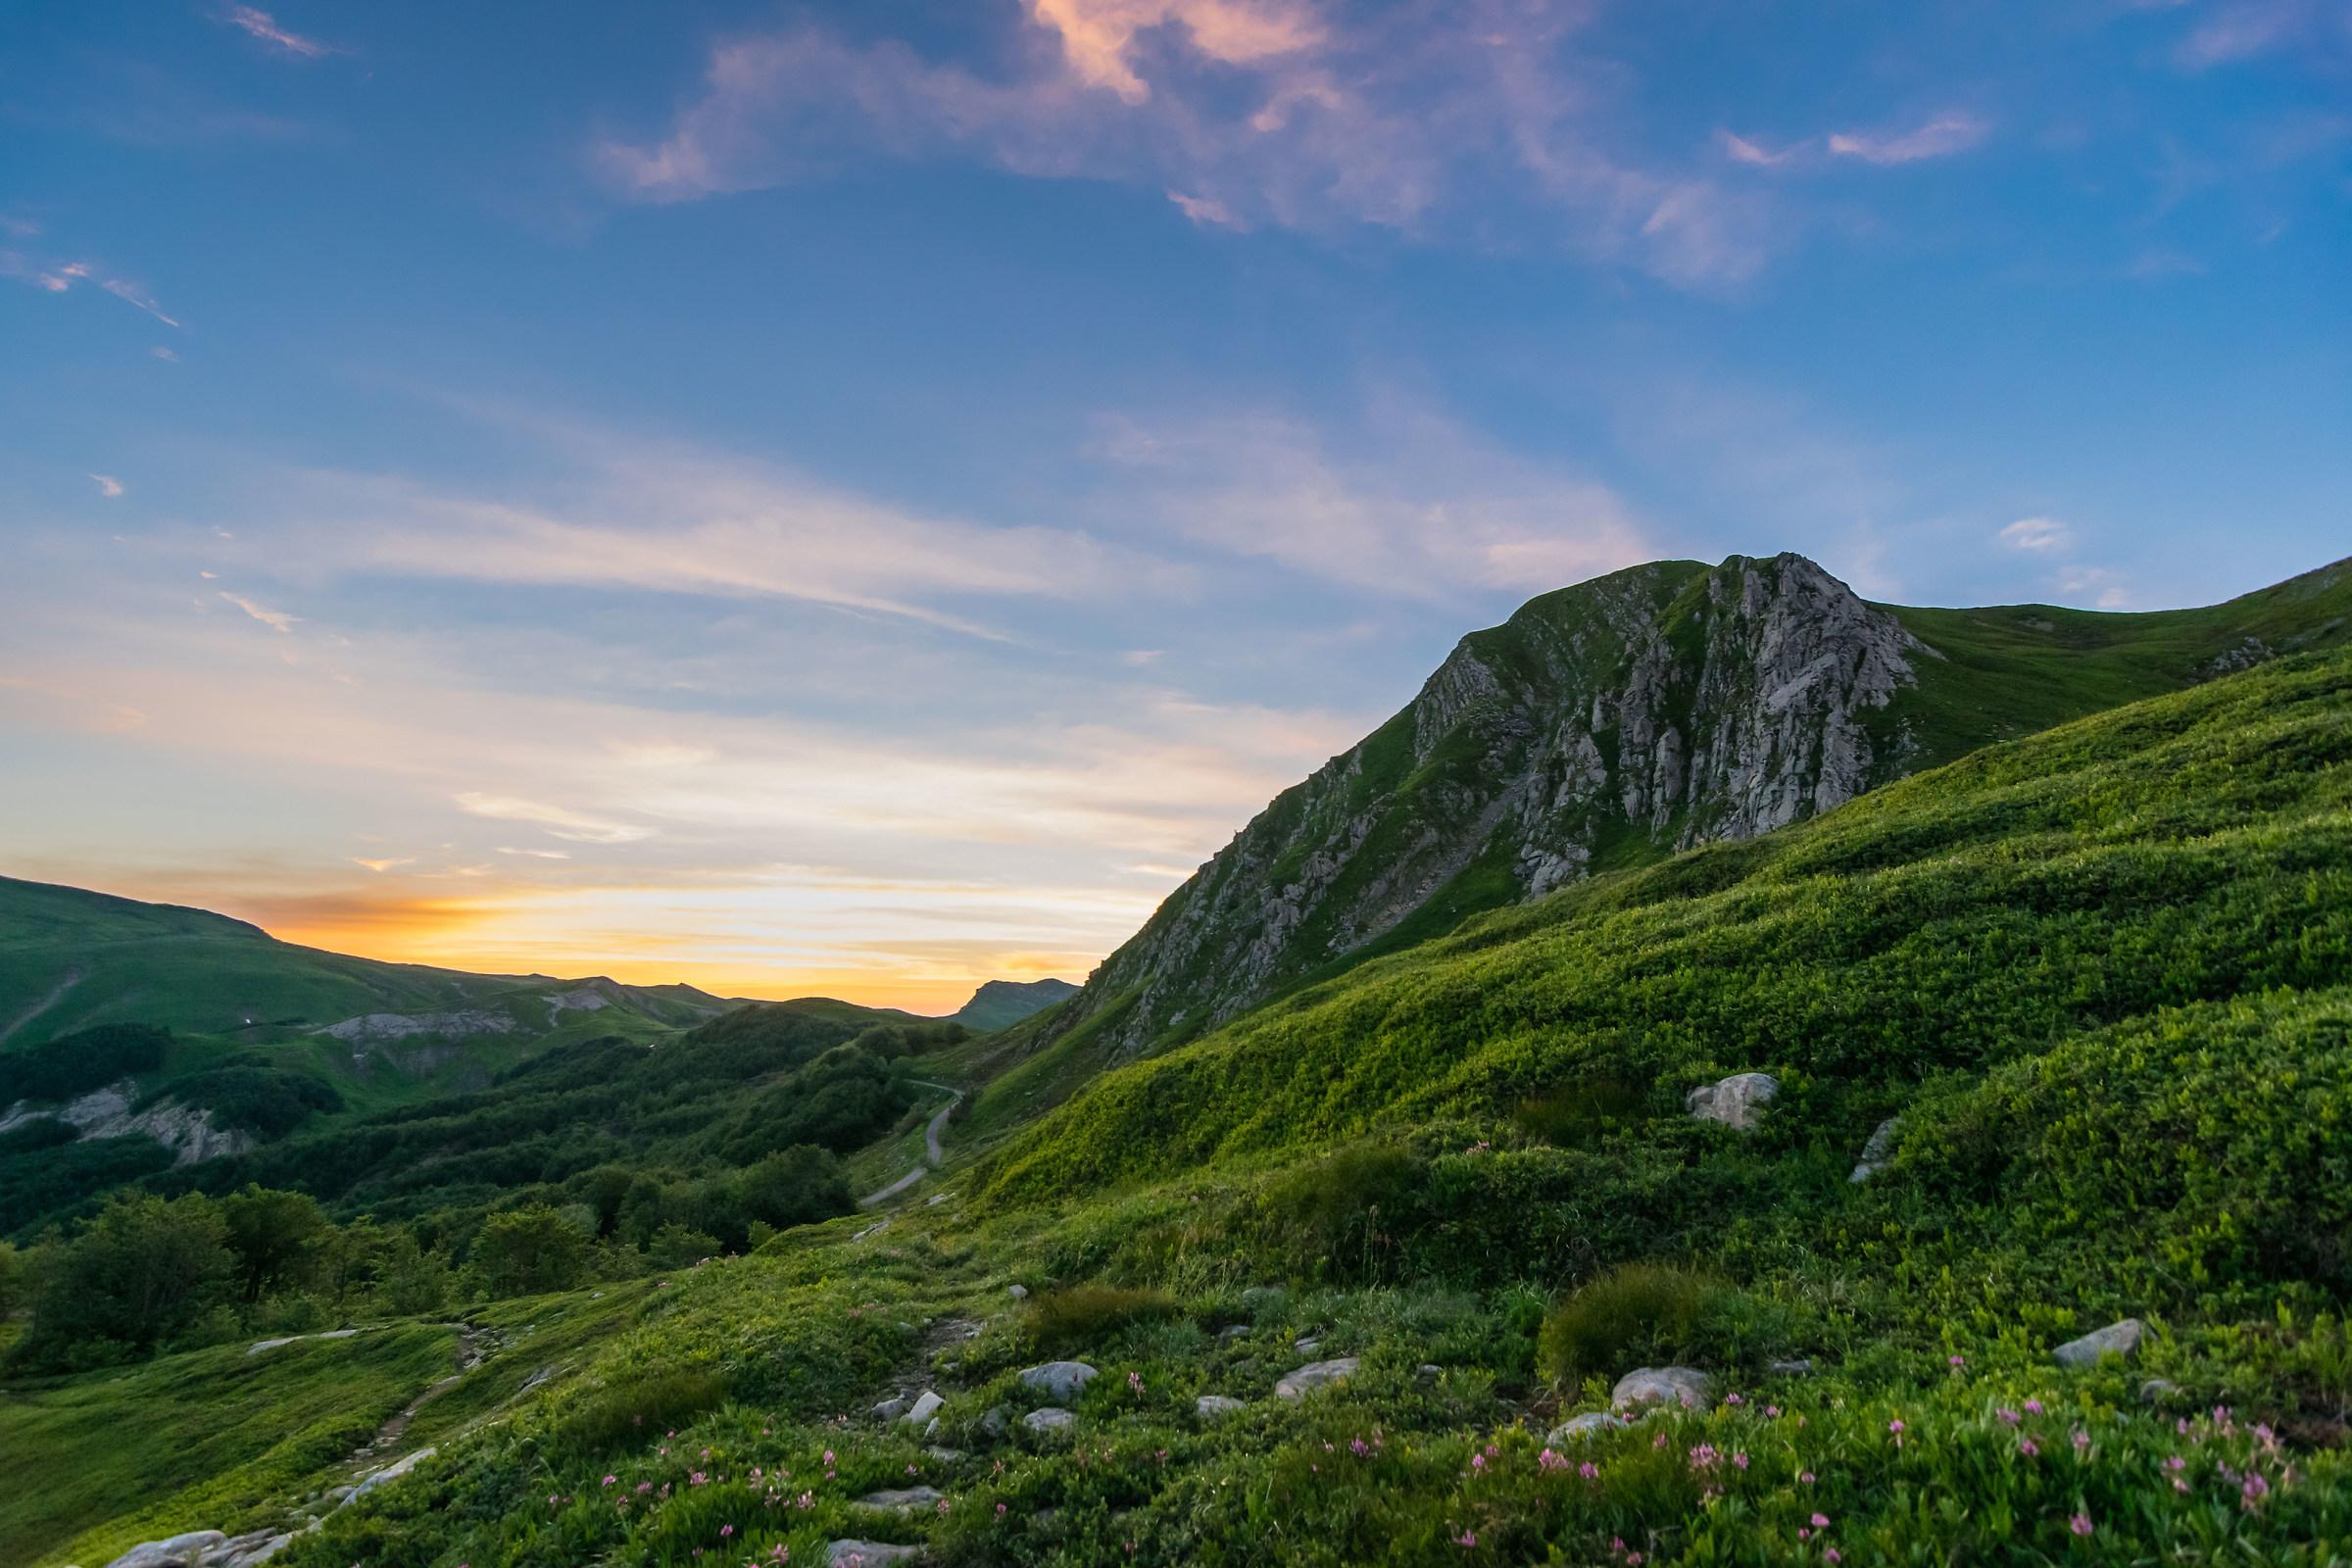 Alba dalle pendici del monte Prado...